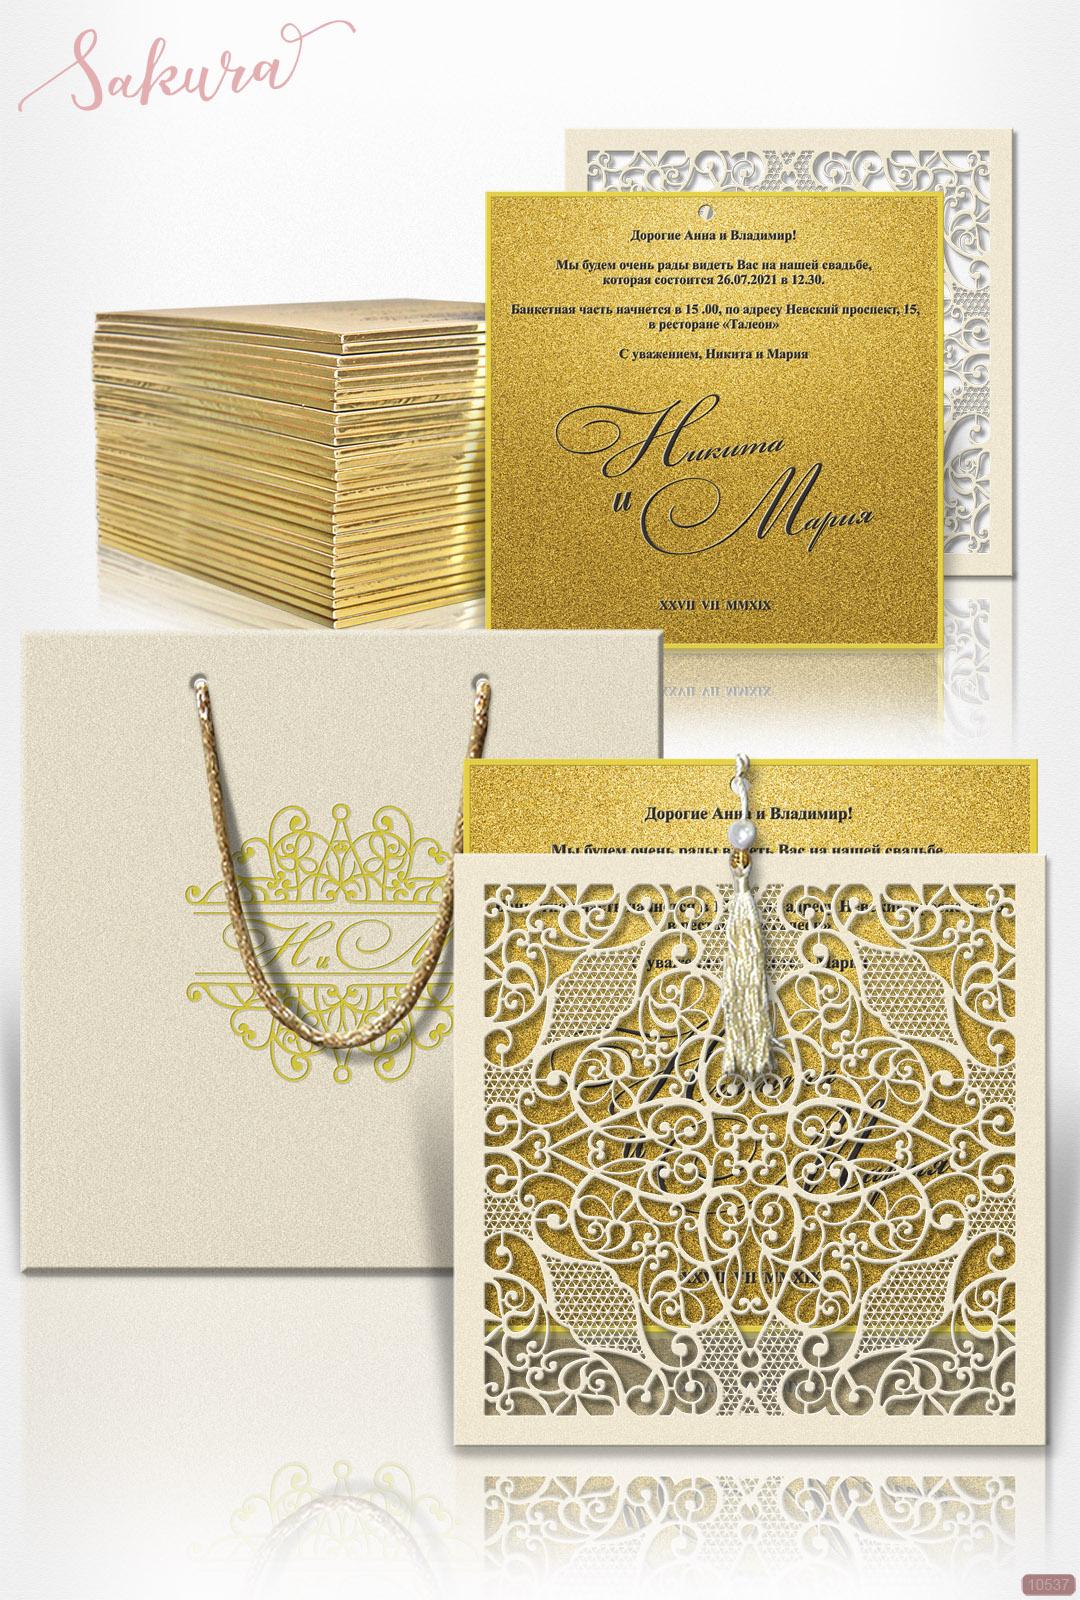 Приглашение на свадьбу. Конверт лазерная резка, золоченая грань, изготовление пакета с логотипом.